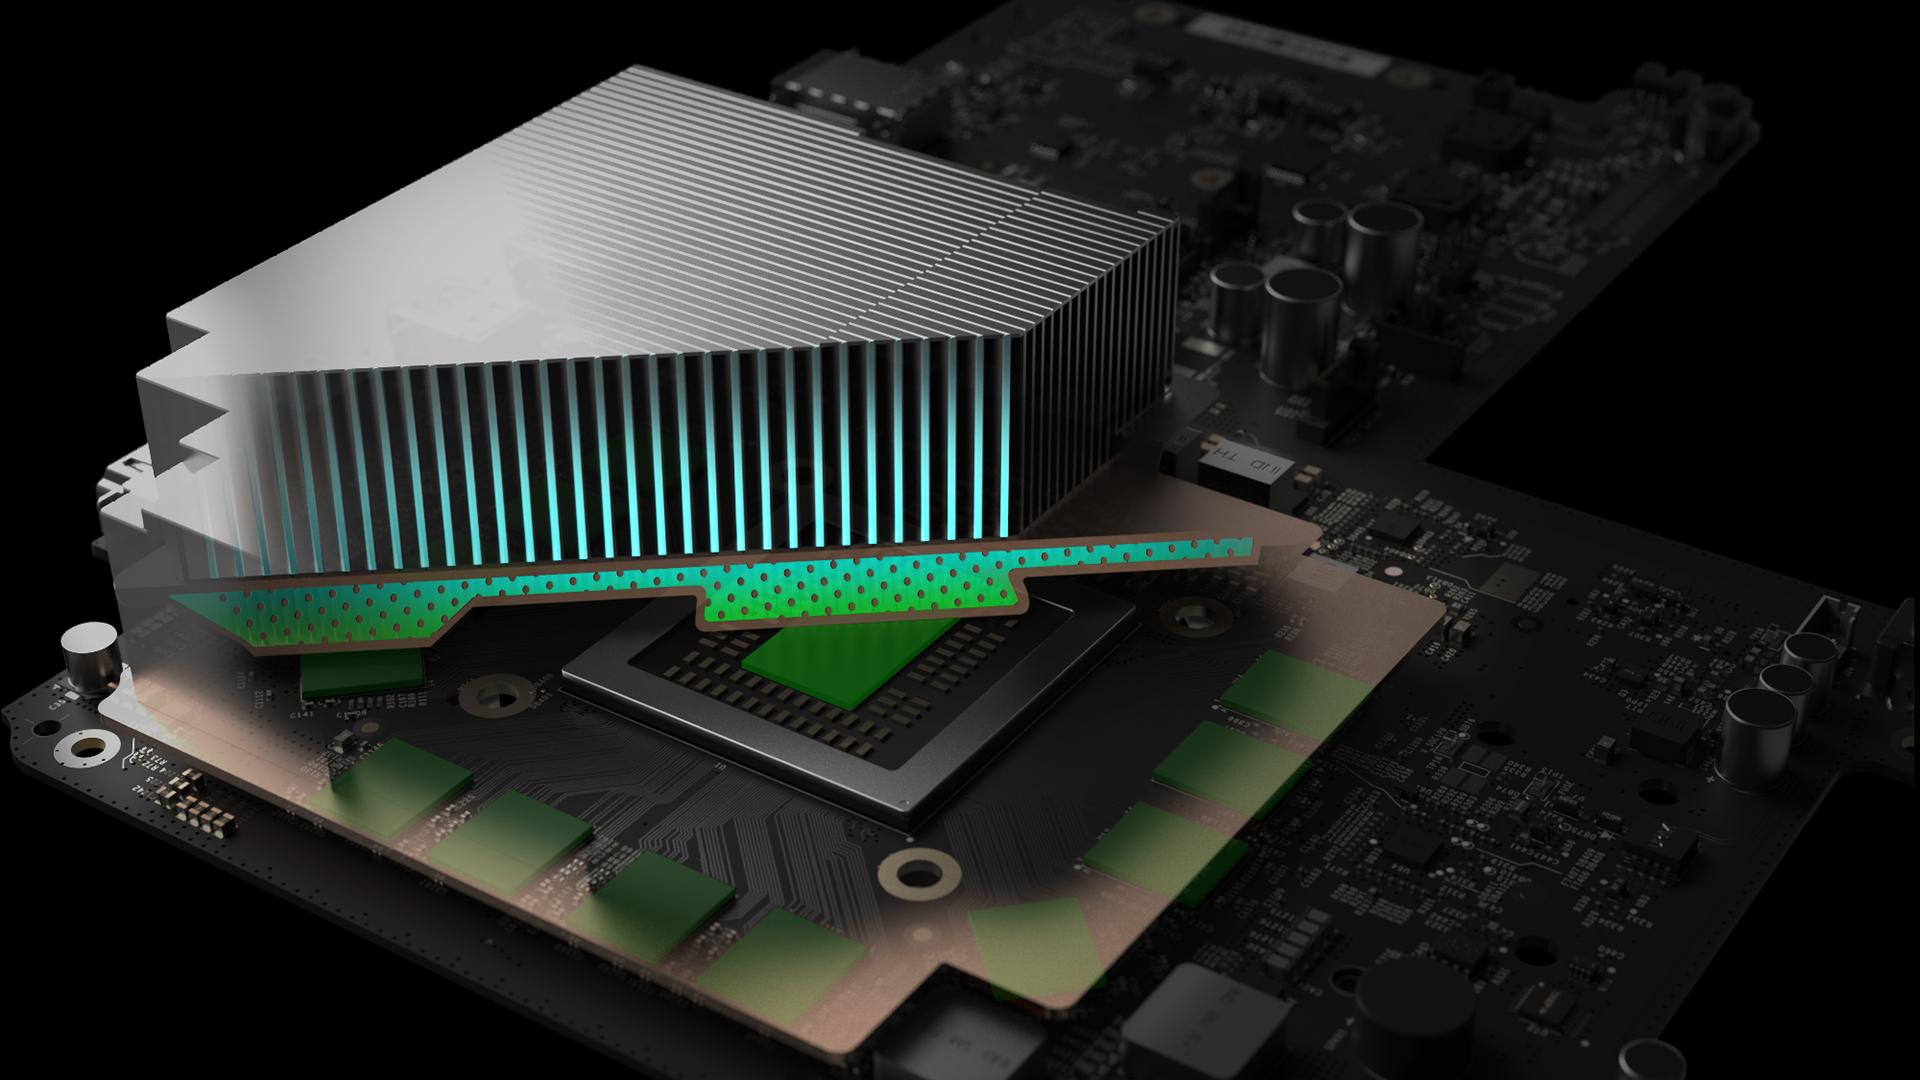 Project Scorpio: Microsoft раскрыла технические характеристики игровой консоли следующего поколения - 4